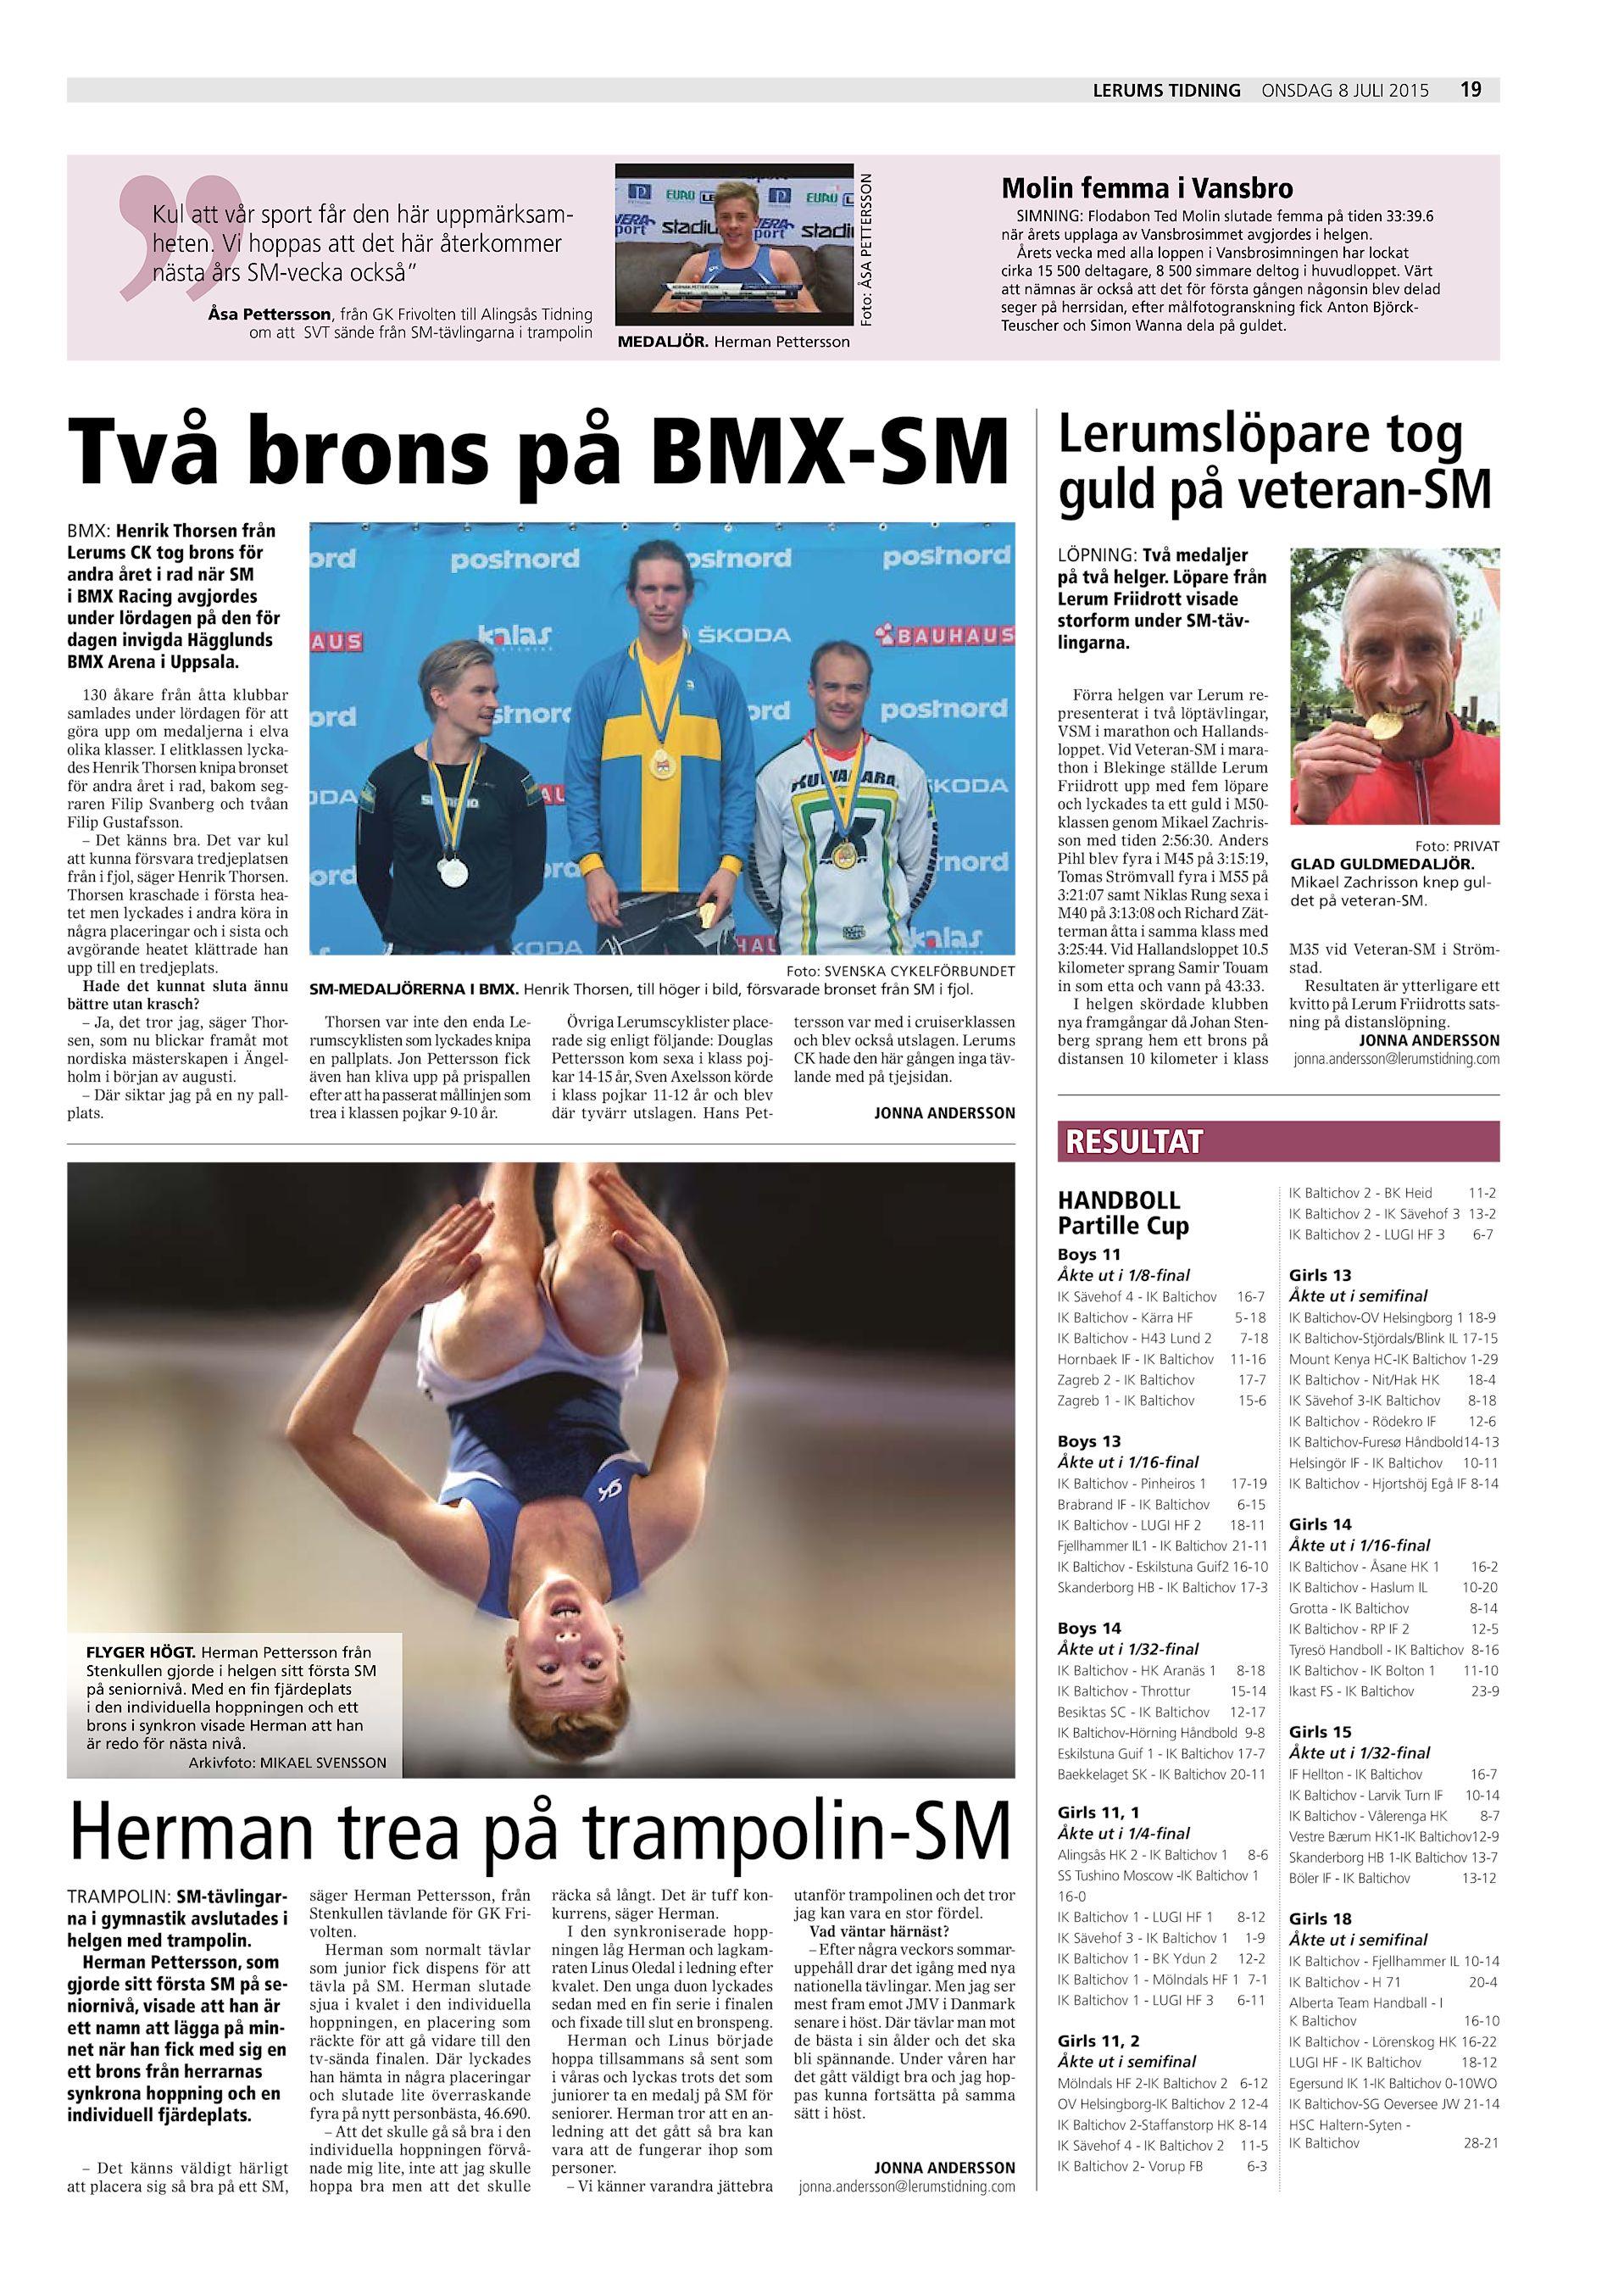 """Foto  ÅSA PETTERSSON LERUMS TIDNING Kul att vår sport får den här  uppmärksamheten. Vi hoppas att det här återkommer nästa års SM-vecka också""""  Åsa Pettersson ... 9e775167ca451"""